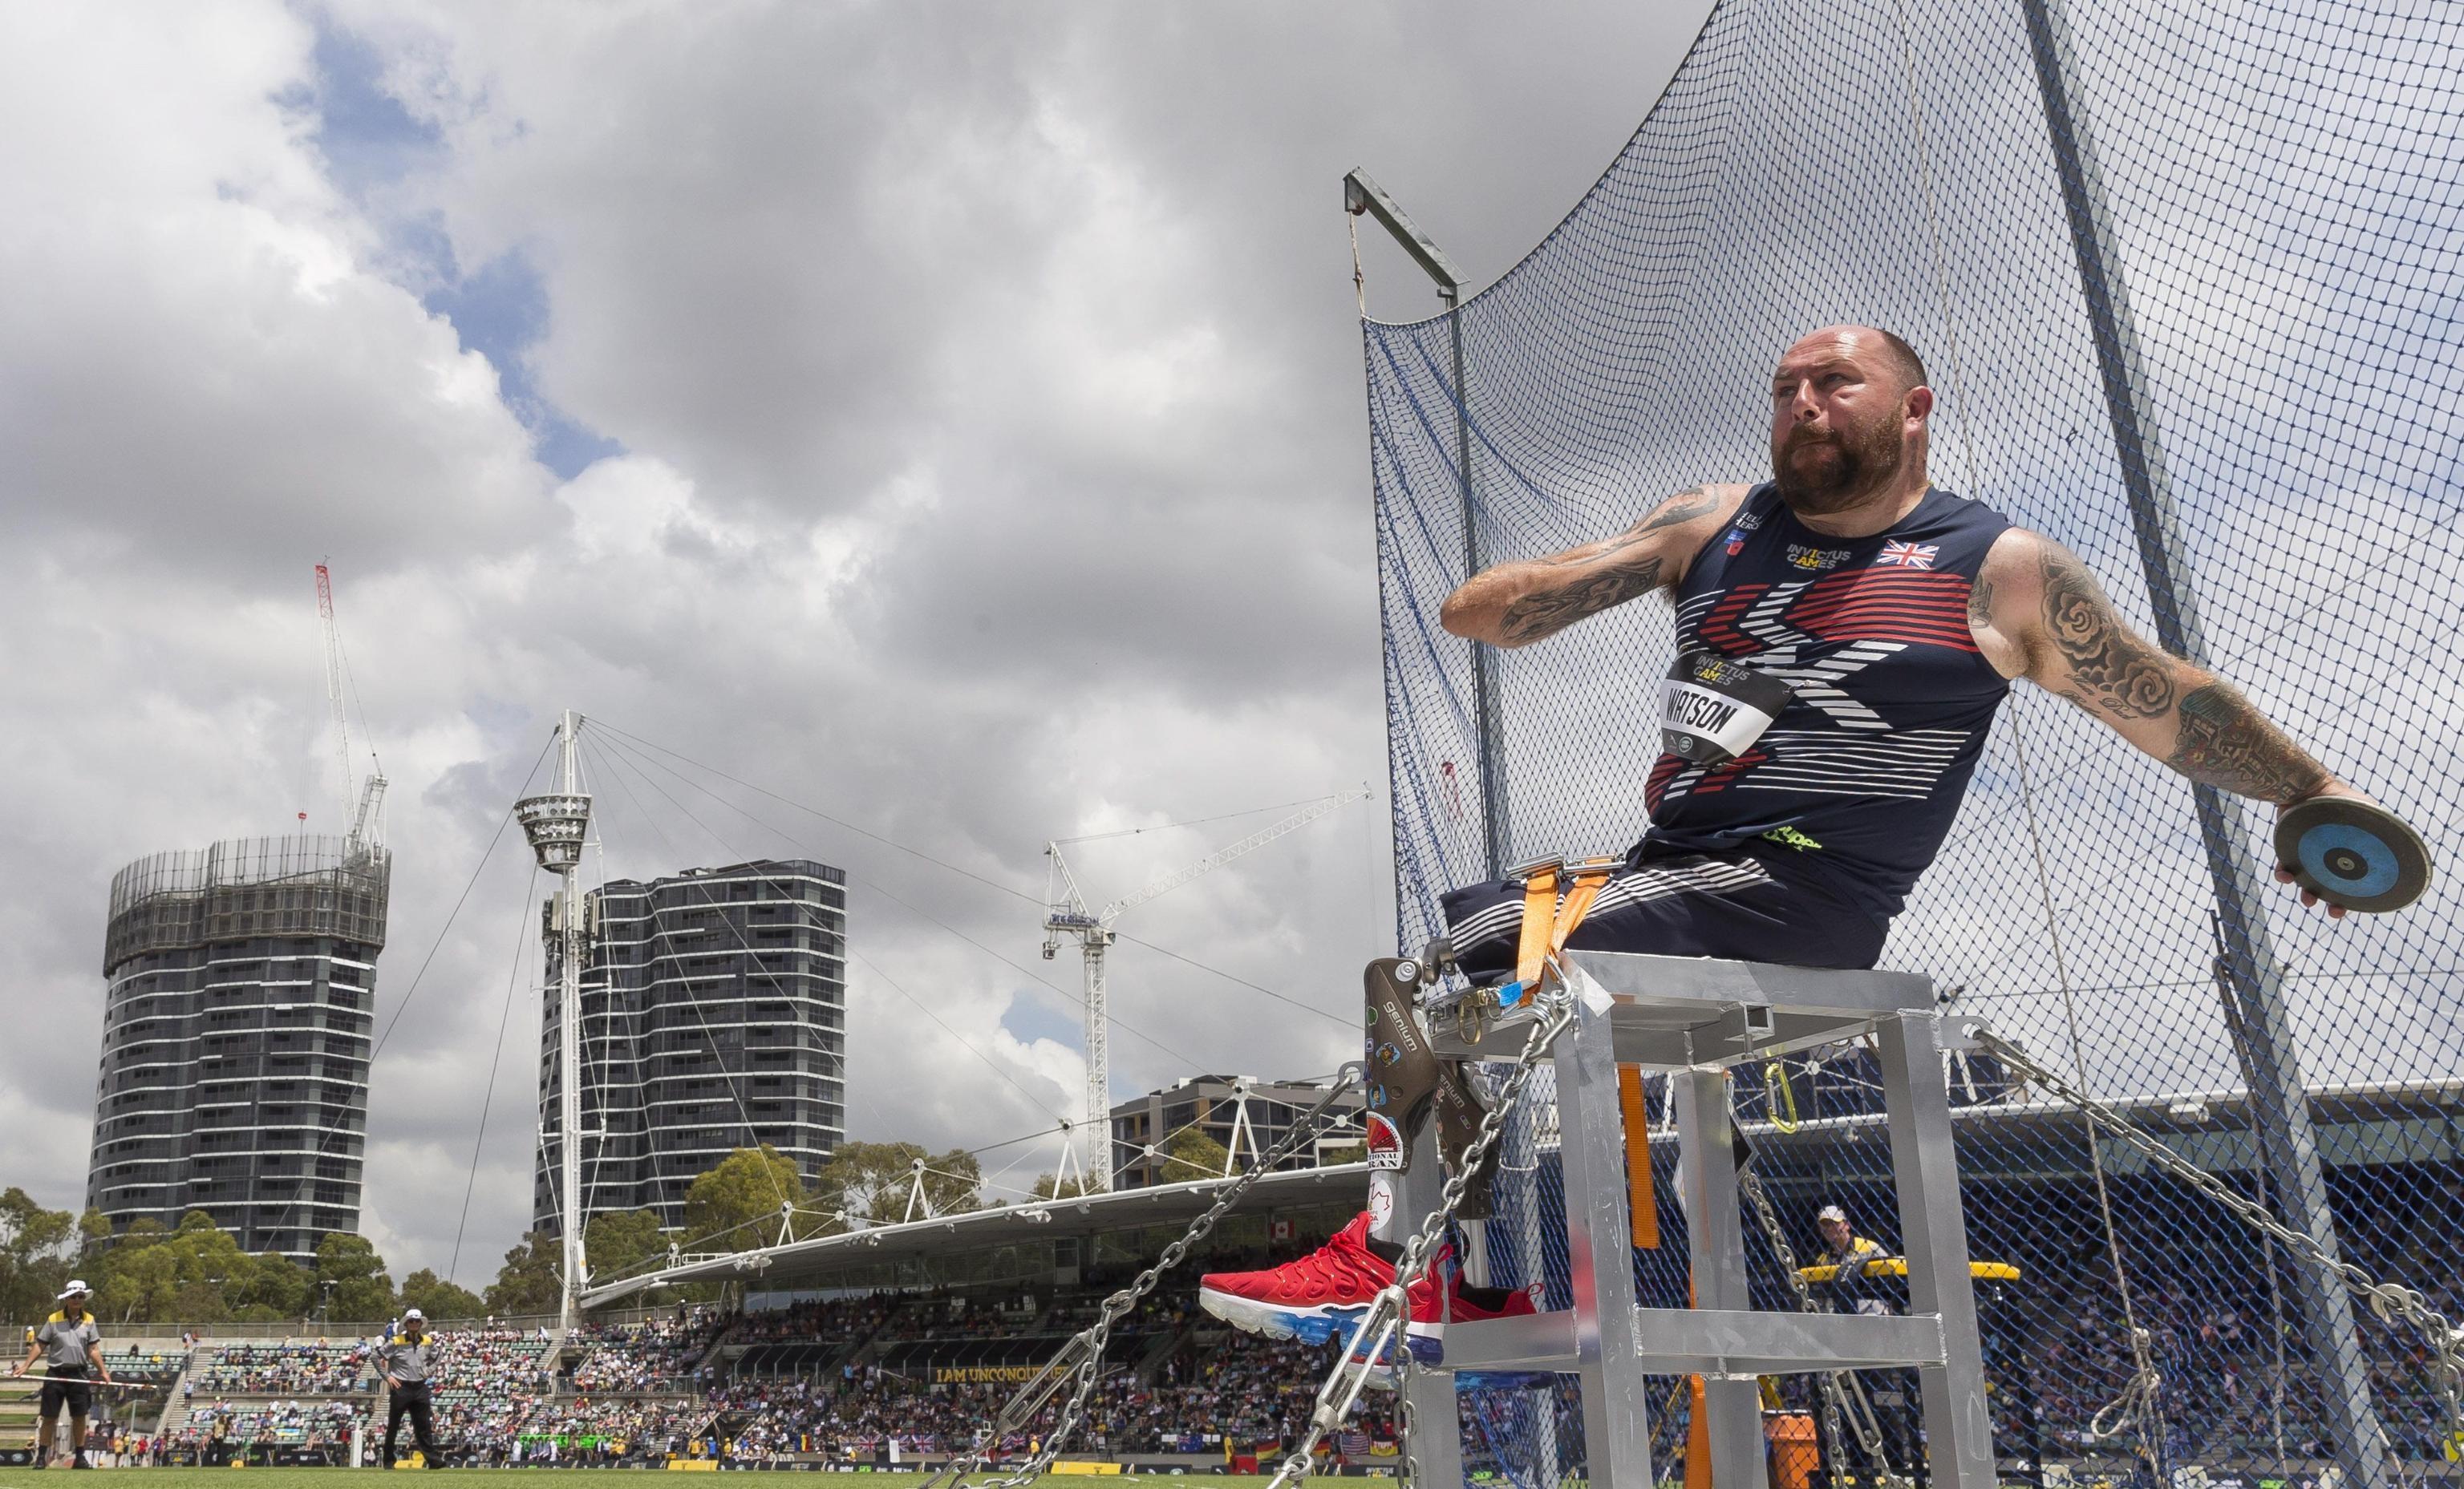 Lo statunitense David Watson con un bel gesto atletico si prepara al lancio del disco